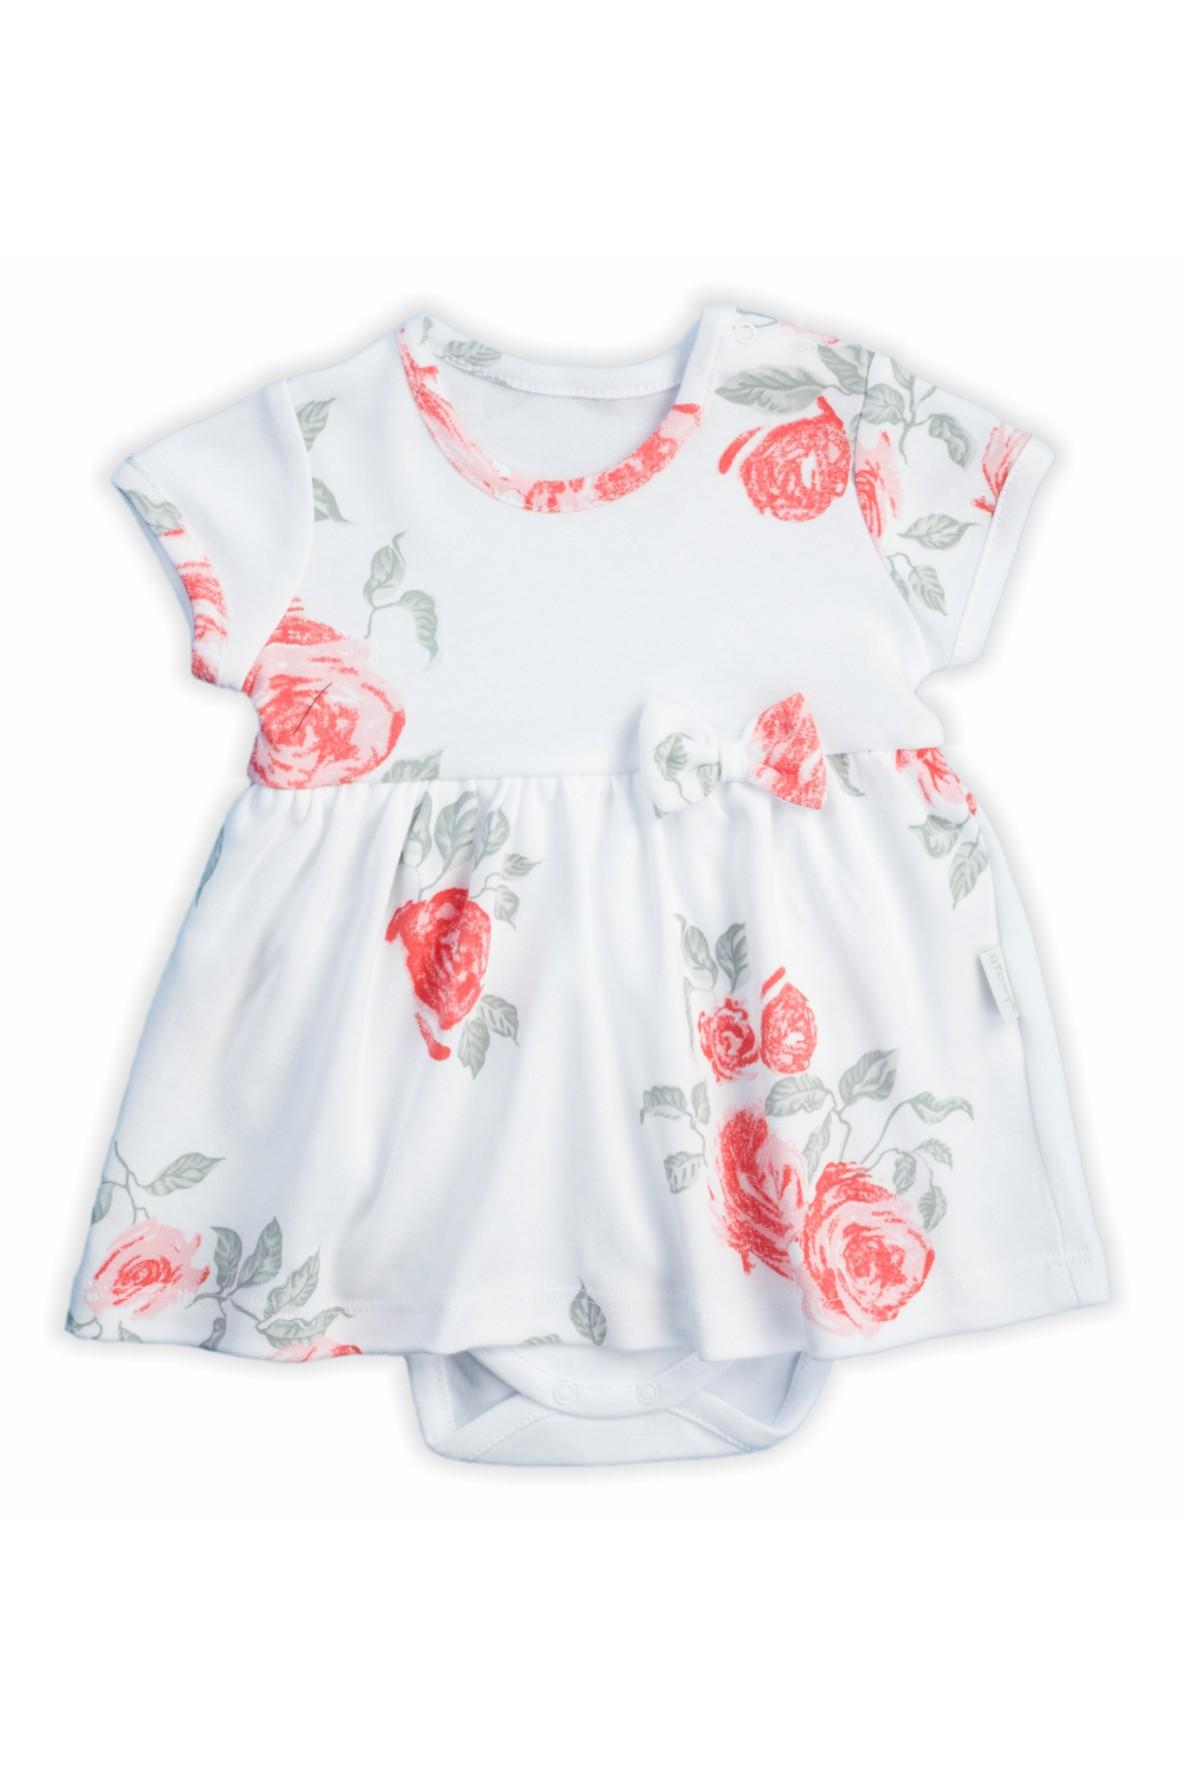 Bawełniane sukienko - body z kolekcji Róża w kwiaty - białe